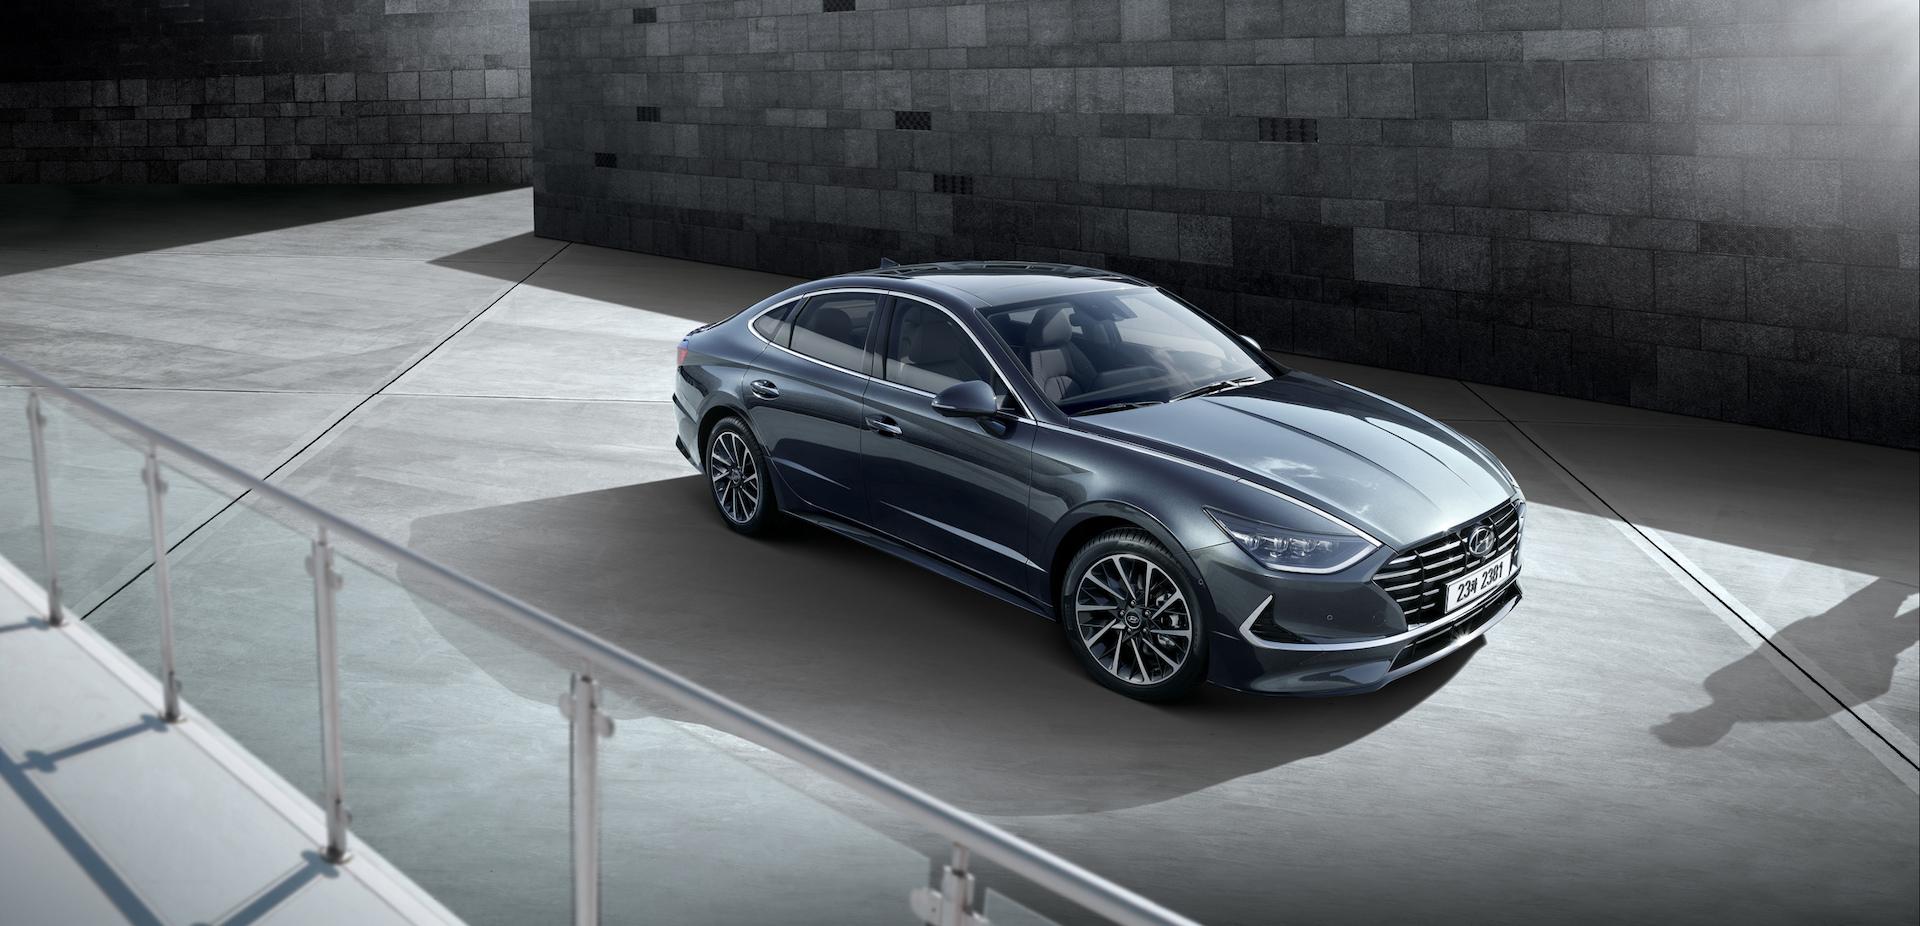 2020 Hyundai Sonata preview